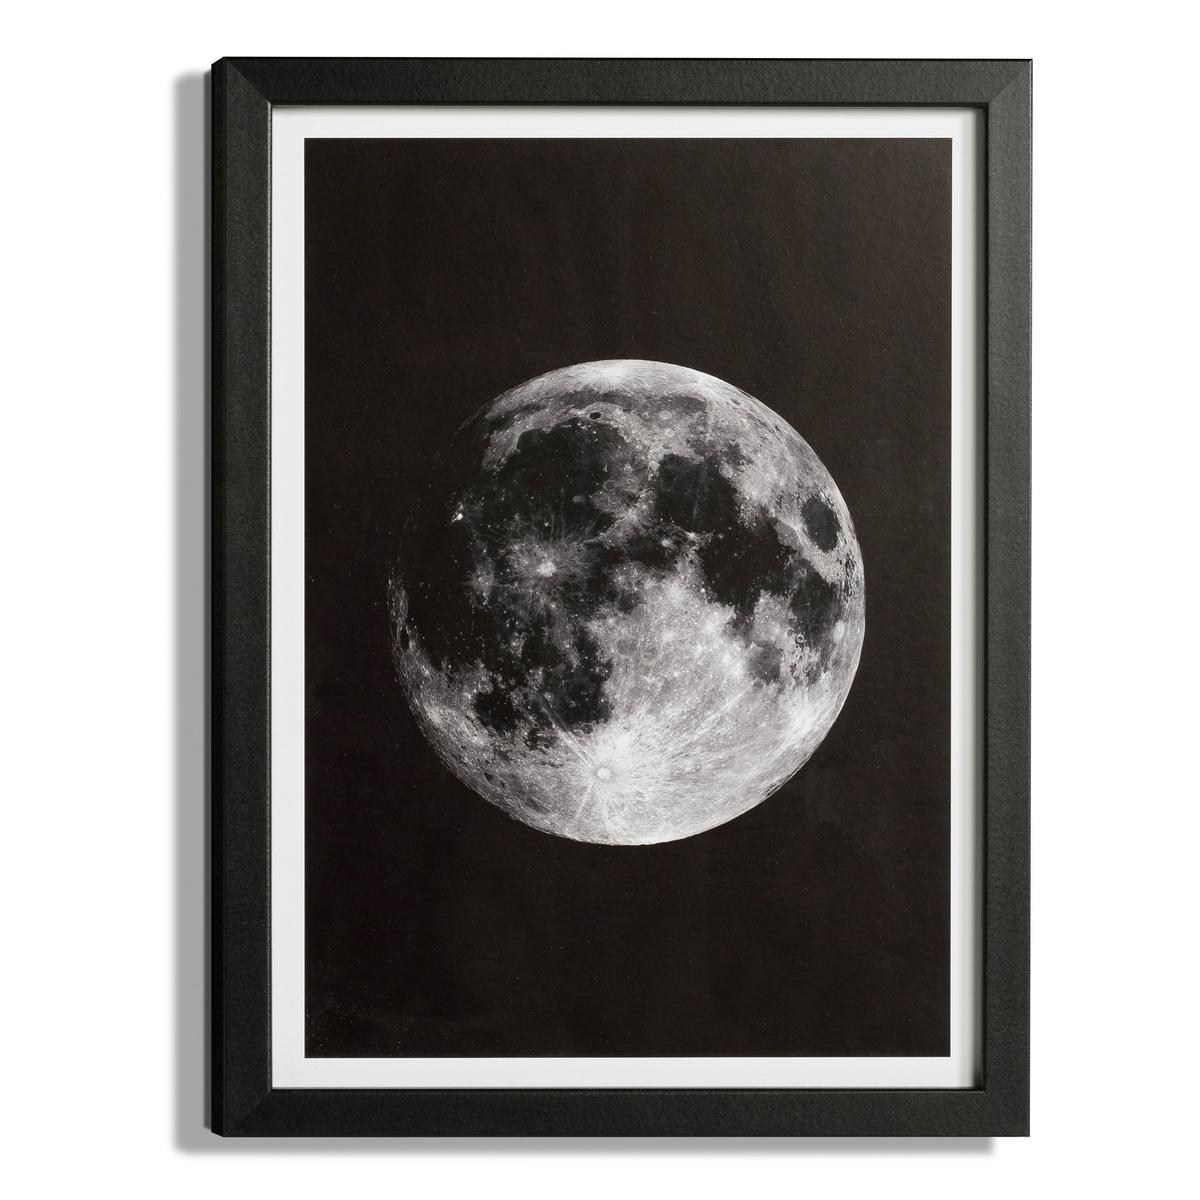 Фотография IhenesЧерно-белая фотография в рамке под стеклом.Характеристики:- Рамка из МДФ.Размеры:- Д.30 x В.40 см.<br><br>Цвет: черный/ белый<br>Размер: единый размер